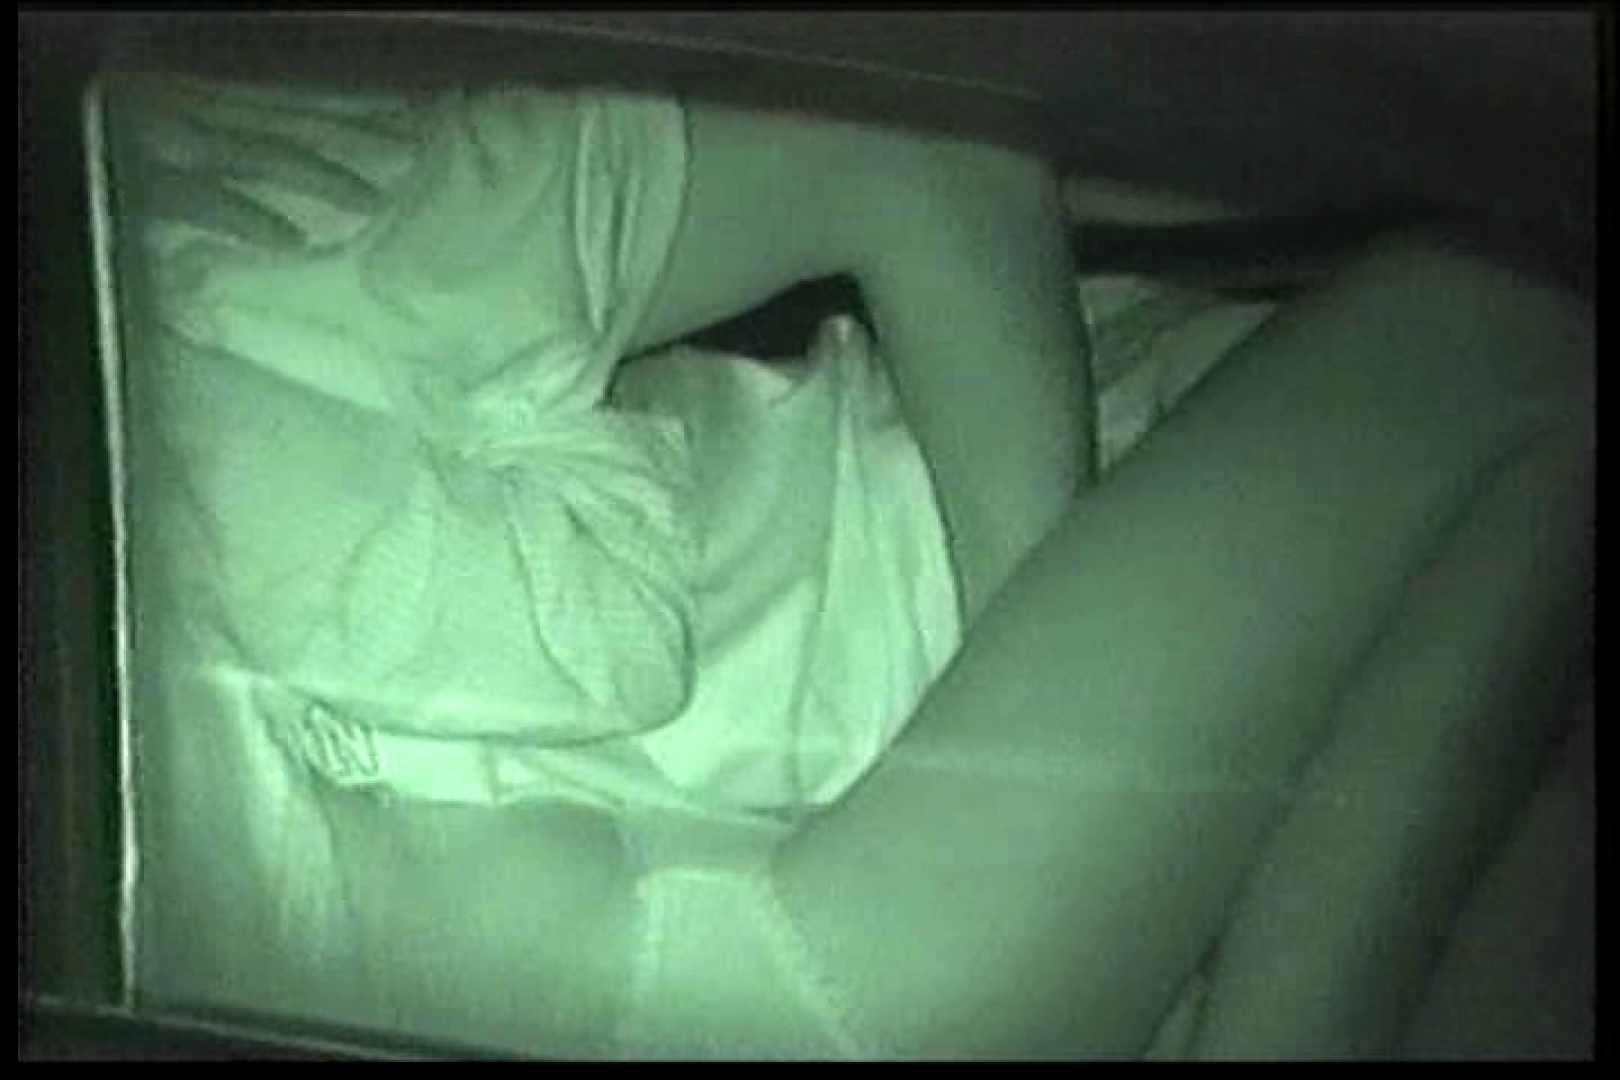 車の中はラブホテル 無修正版  Vol.11 ラブホテル AV動画キャプチャ 86画像 71